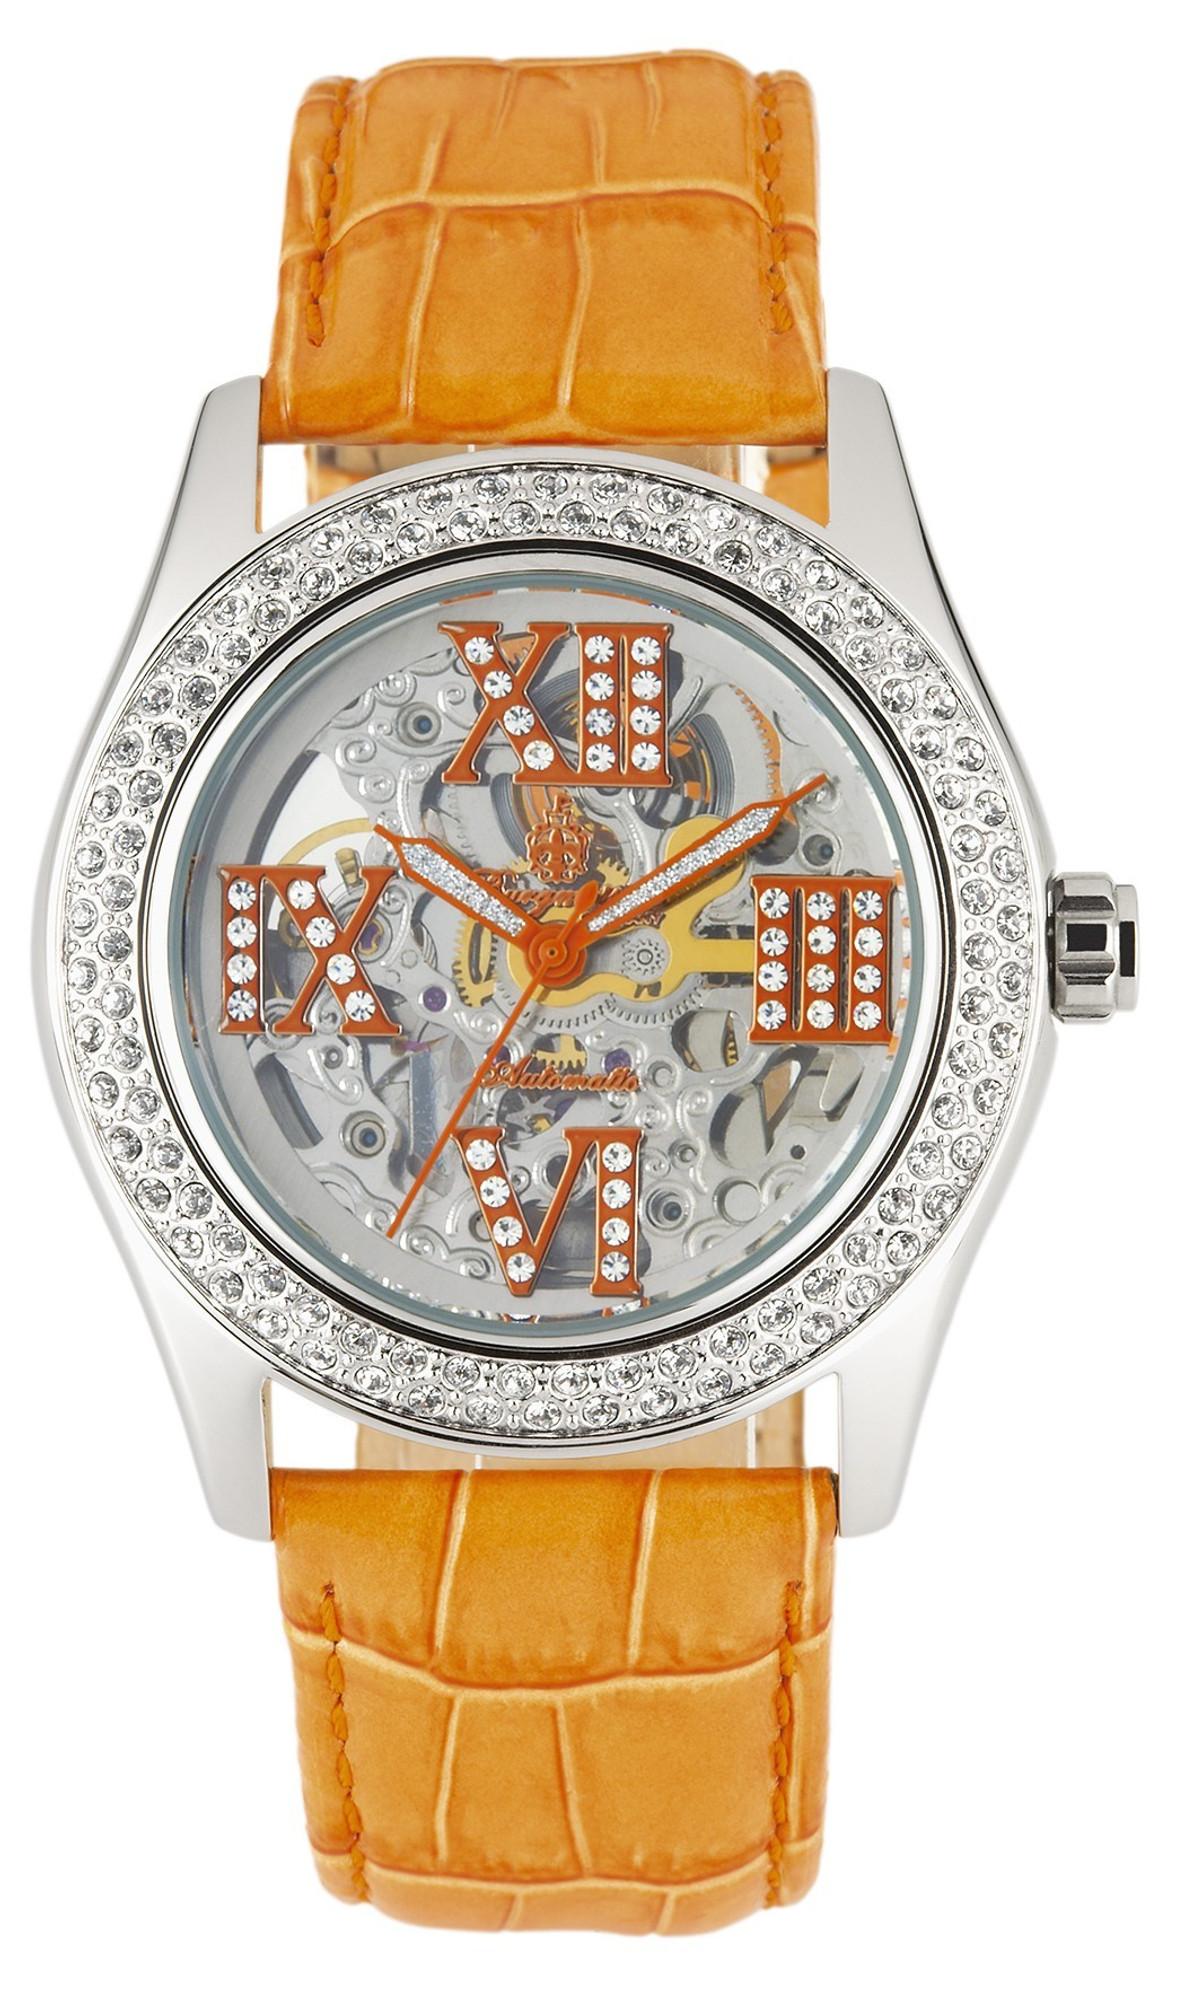 Damen 100b Automatikuhr Uhren Burgmeister RavennaBm140 54jAL3R